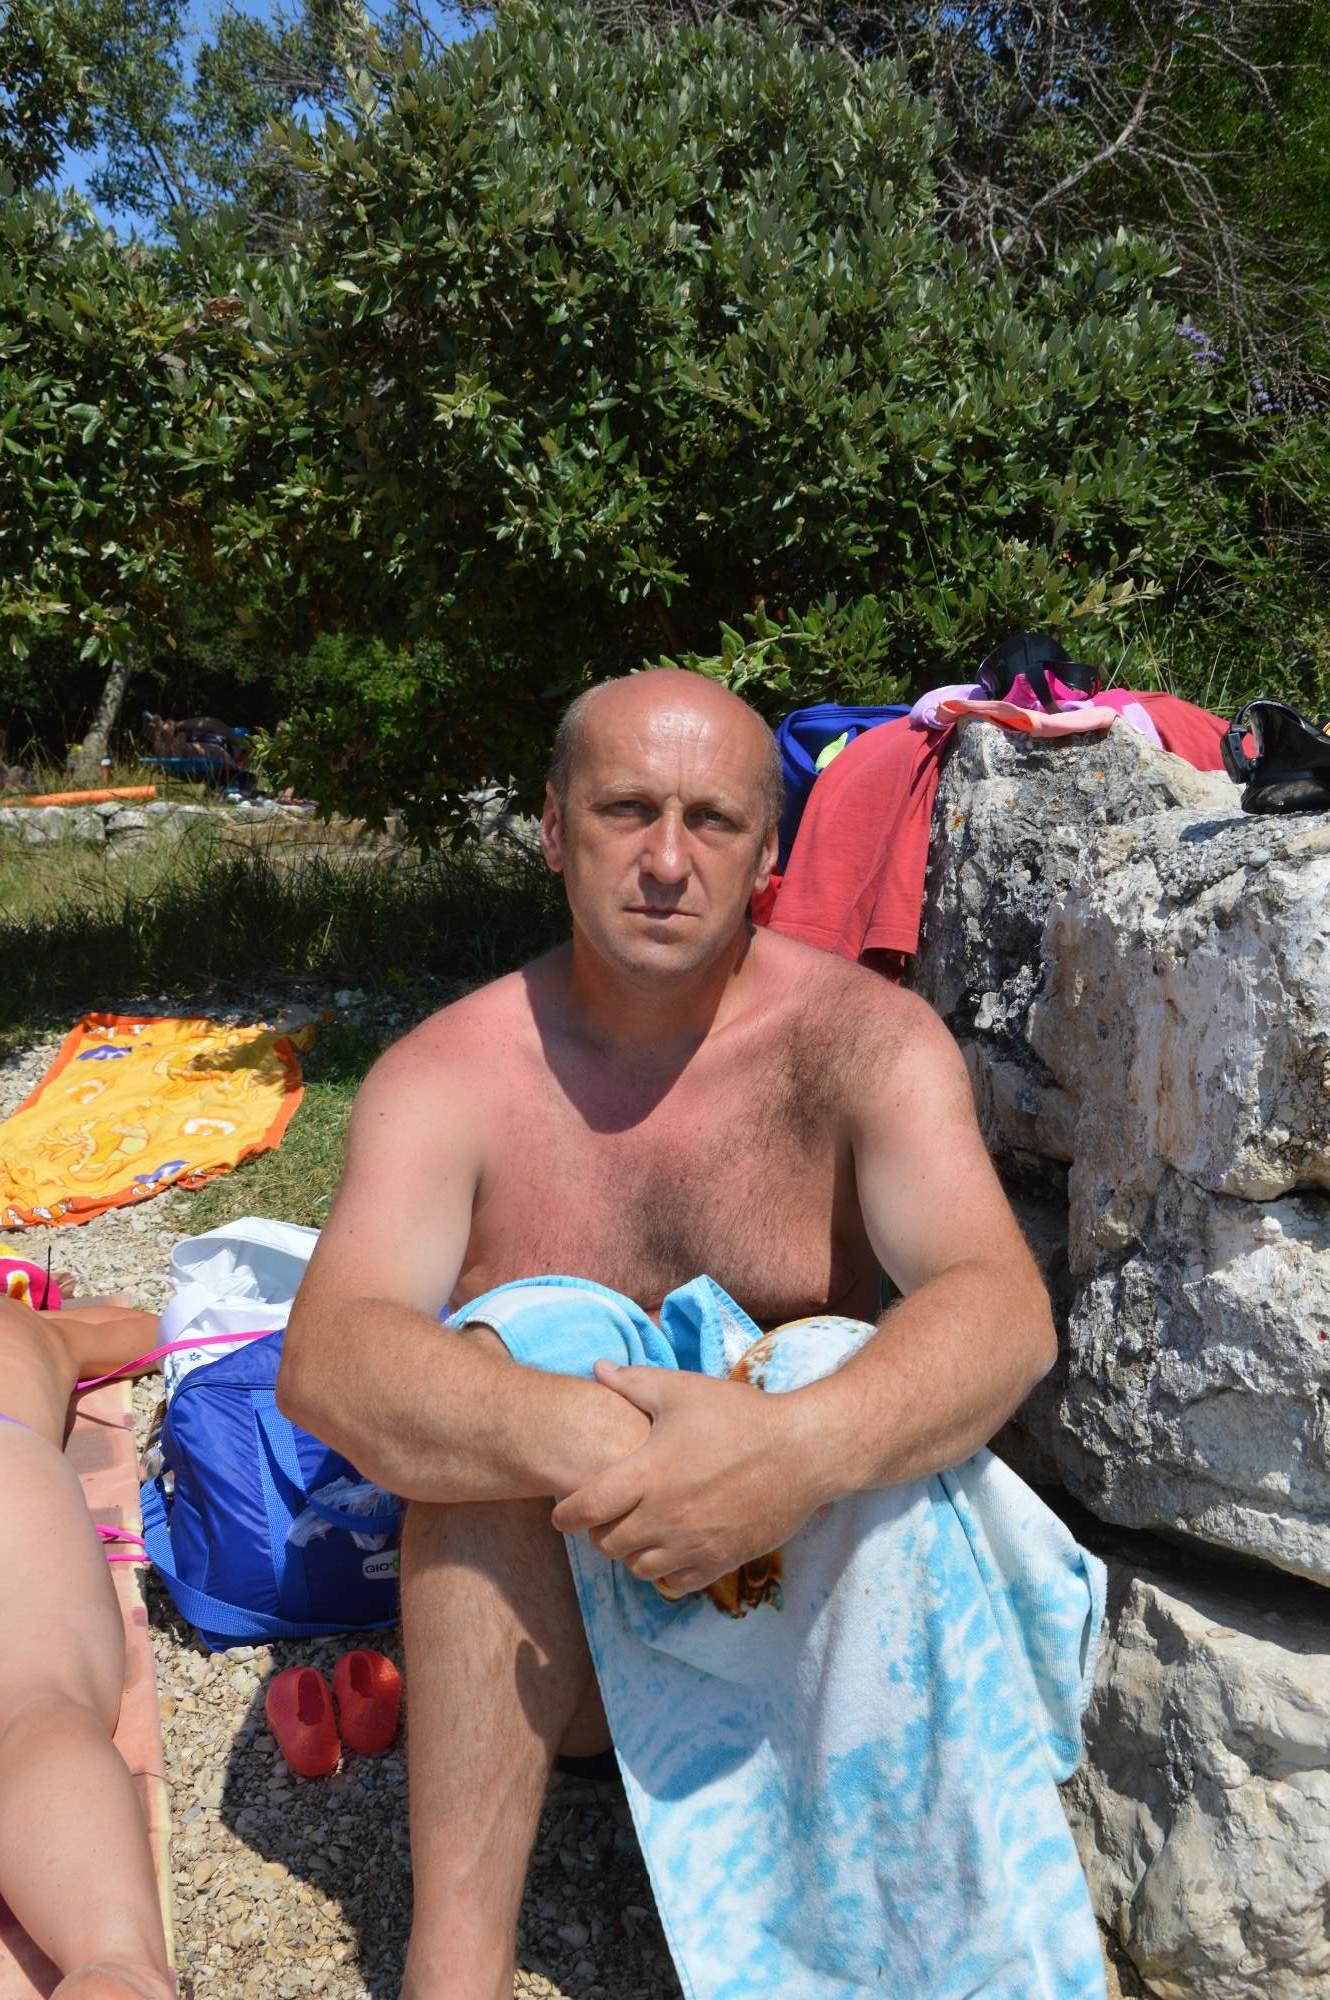 http://img19.rajce.idnes.cz/d1902/11/11369/11369498_ba1b1cc51aa2b100ecd01c05fe1b9075/images/DSC_0616.jpg